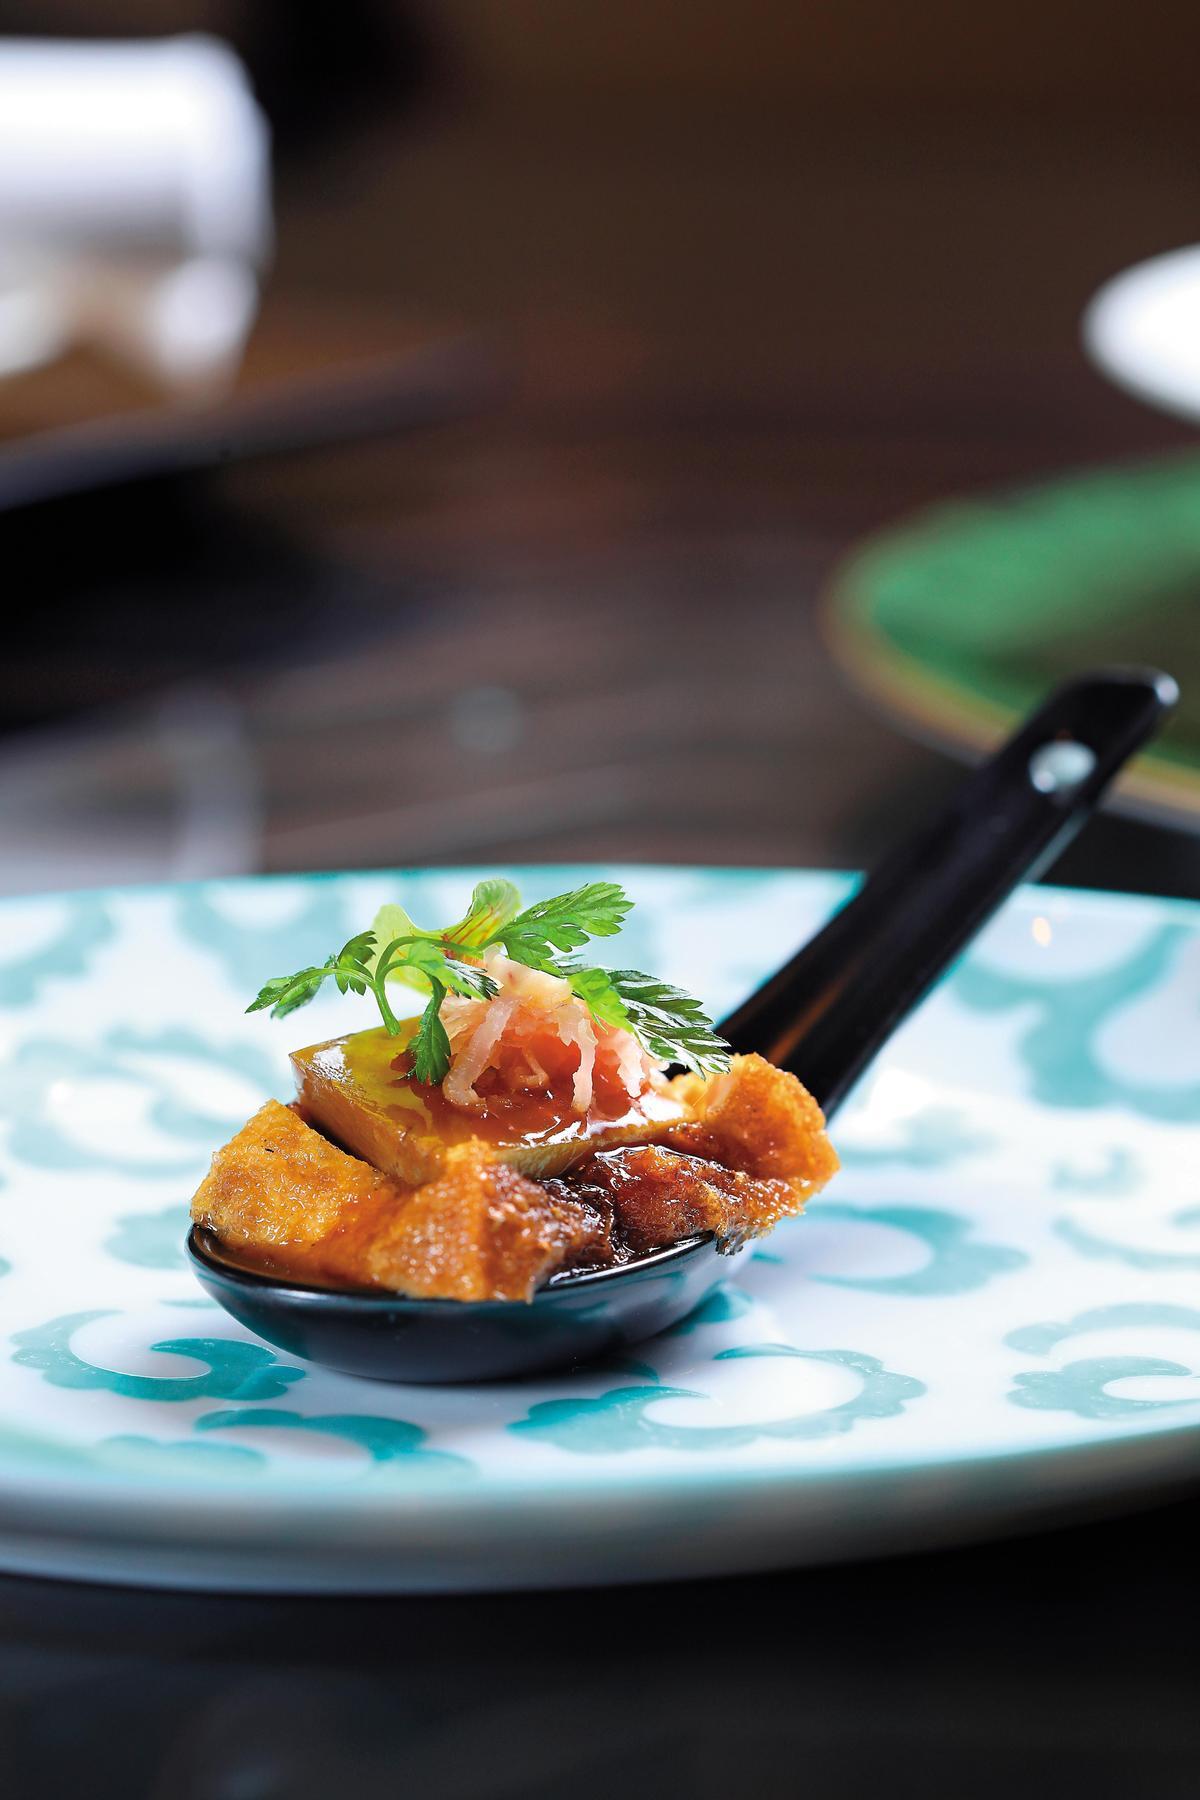 「潮州滷水鵝肝豆腐」的滷水豆腐與鵝肝竟是天生絕配。(23歐元/份,約NT$810)